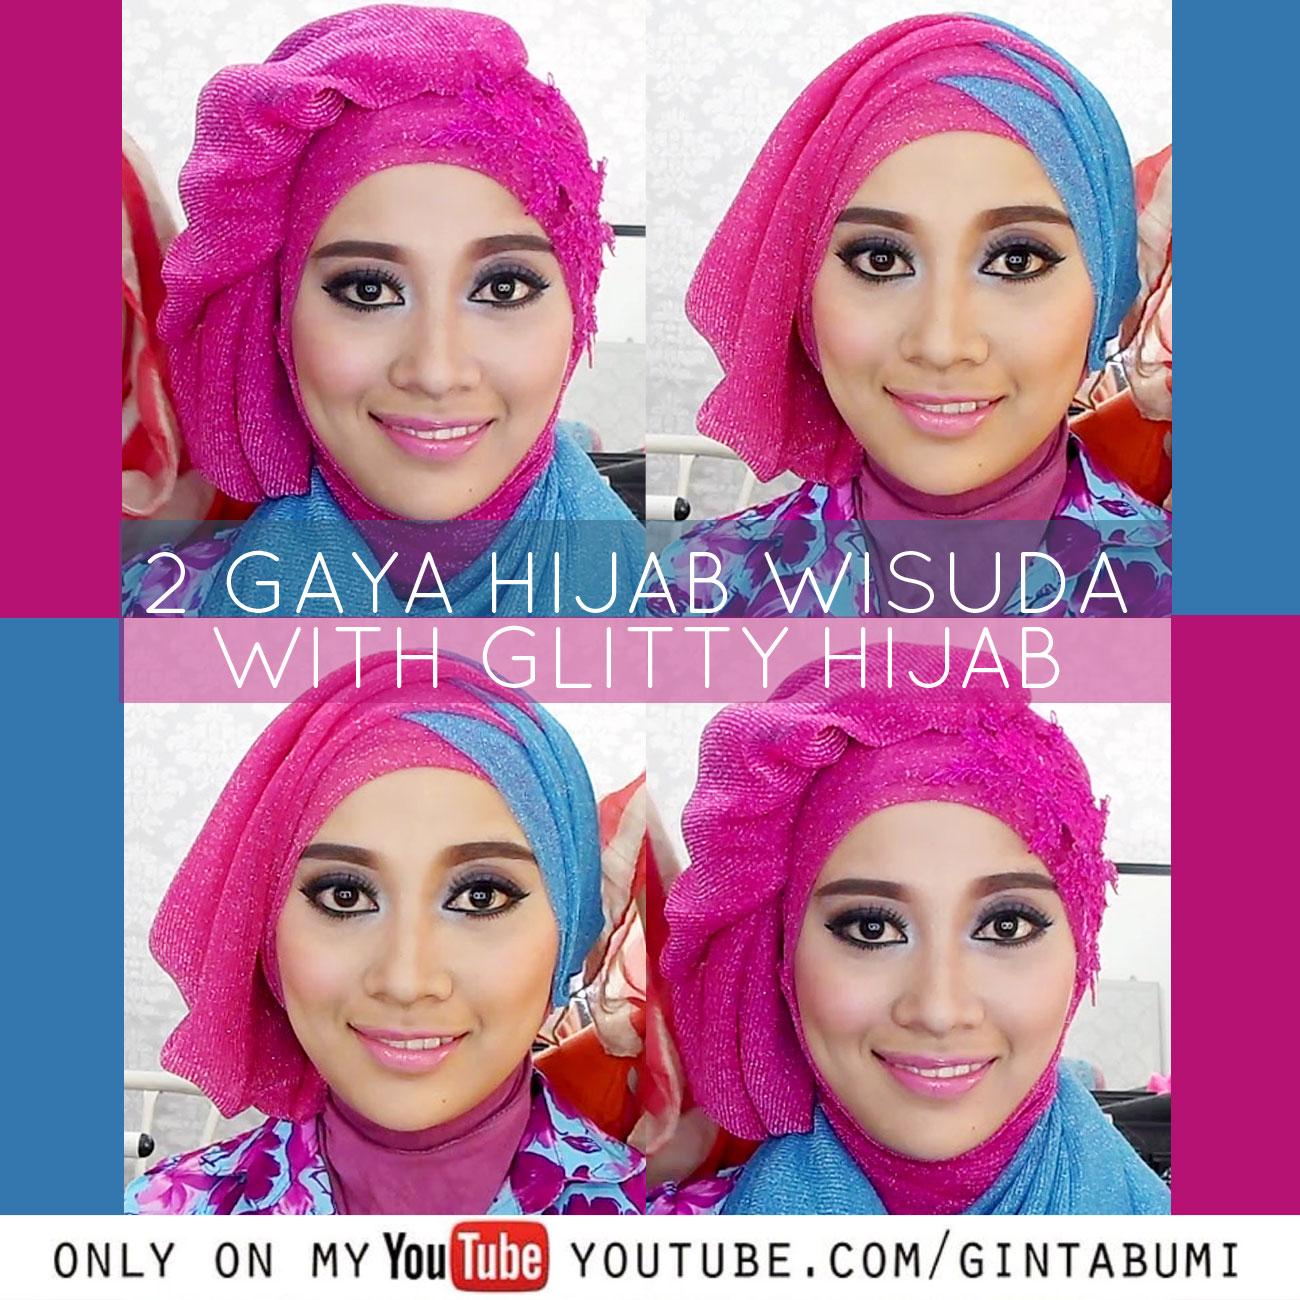 Ini Vindy Yang Ajaib Tutorial Hijab Pesta Dan Wisuda Menggunakan